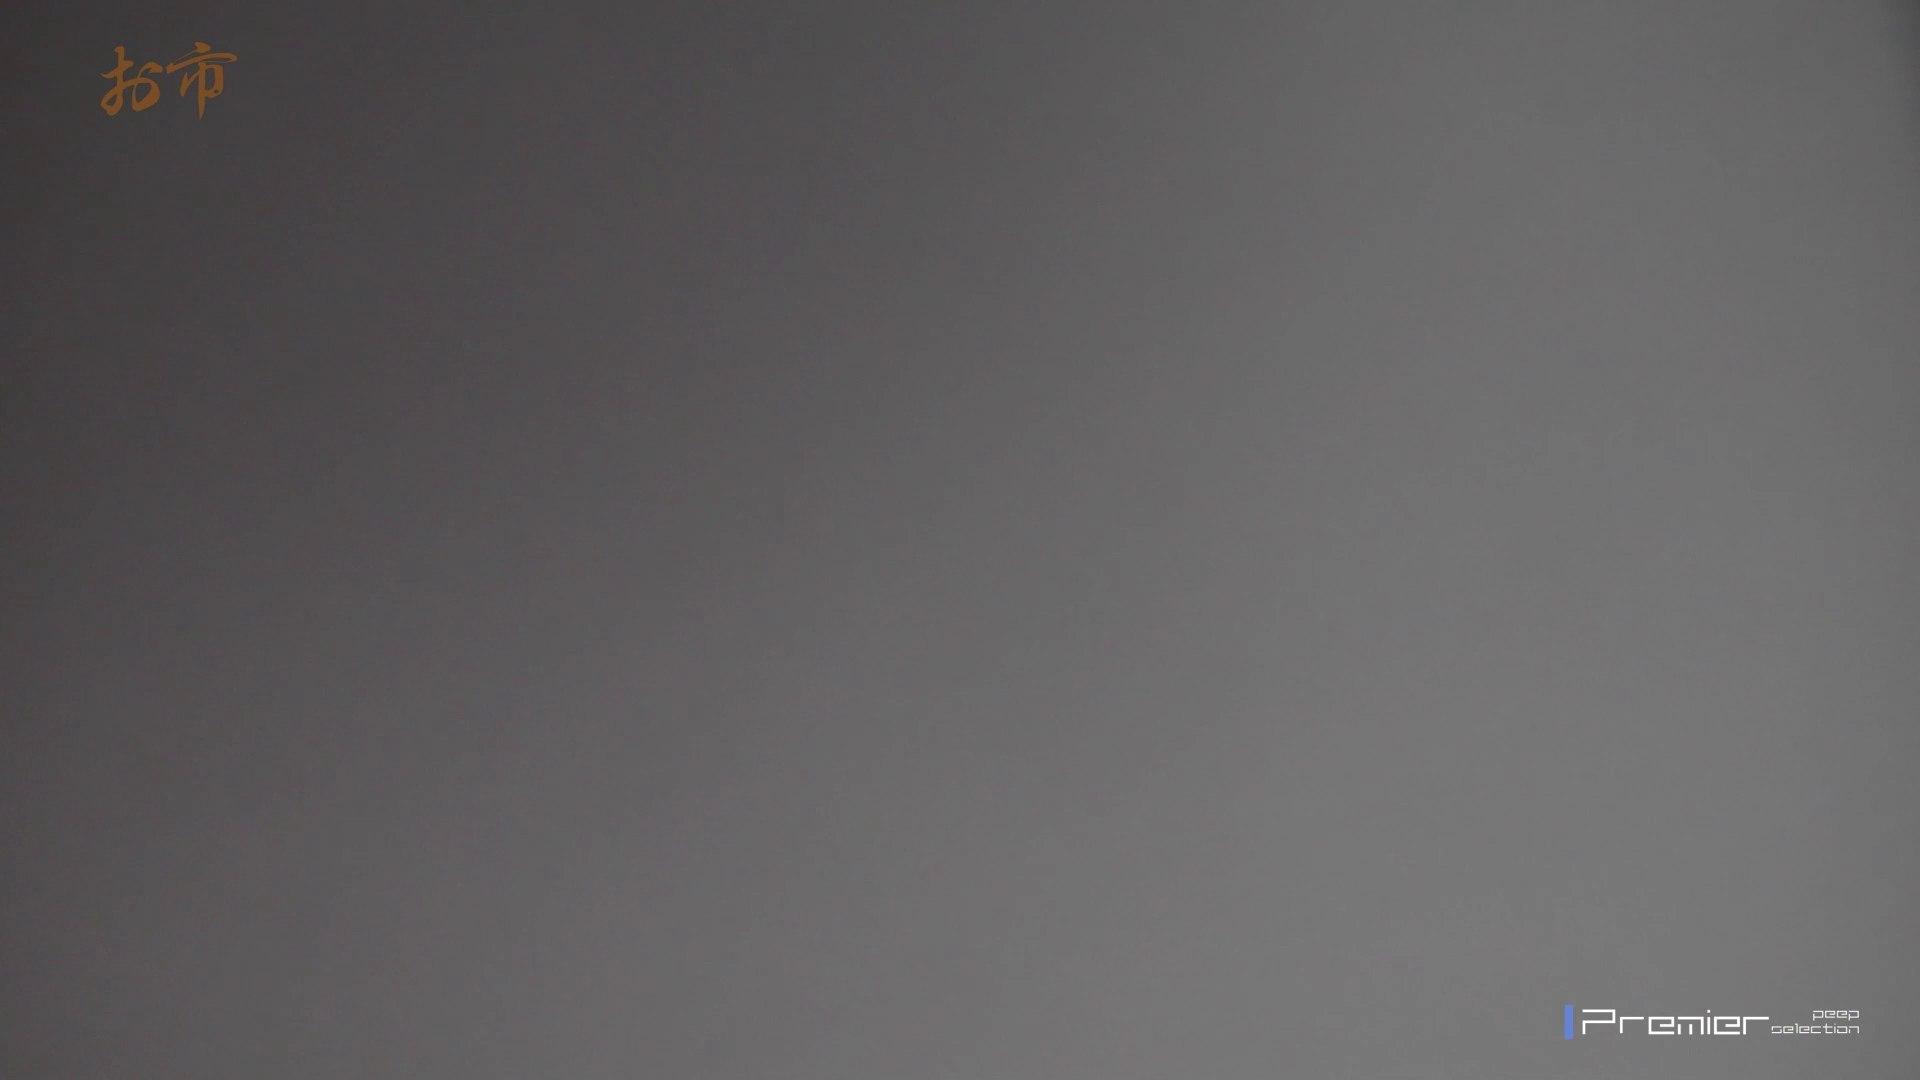 潜入!!台湾名門女学院 Vol.14 ラストコンテンツ!! 美女 性交動画流出 109画像 7